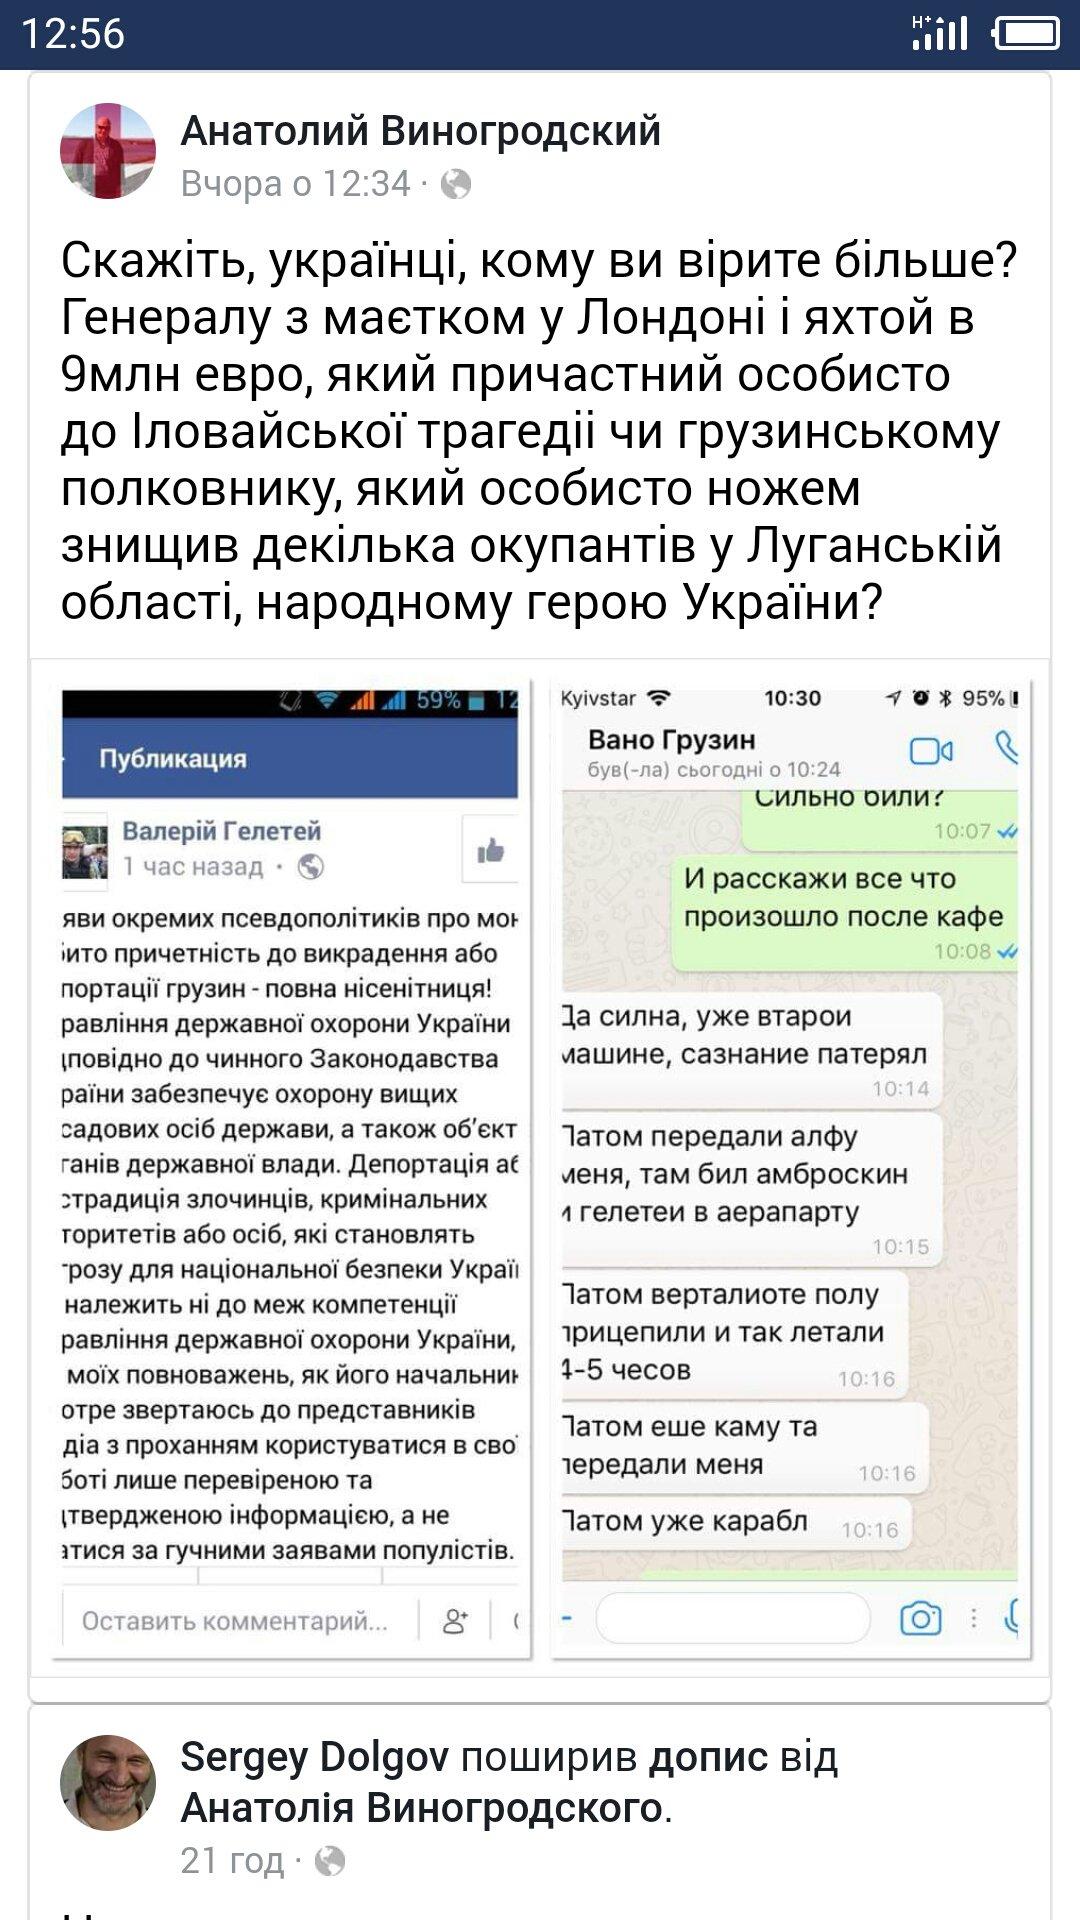 """""""Если они отправят меня в Грузию, я вам гарантирую, что очень быстро я буду на свободе, и более того - Порошенко мало не покажется"""". - Саакашвили - Цензор.НЕТ 3352"""